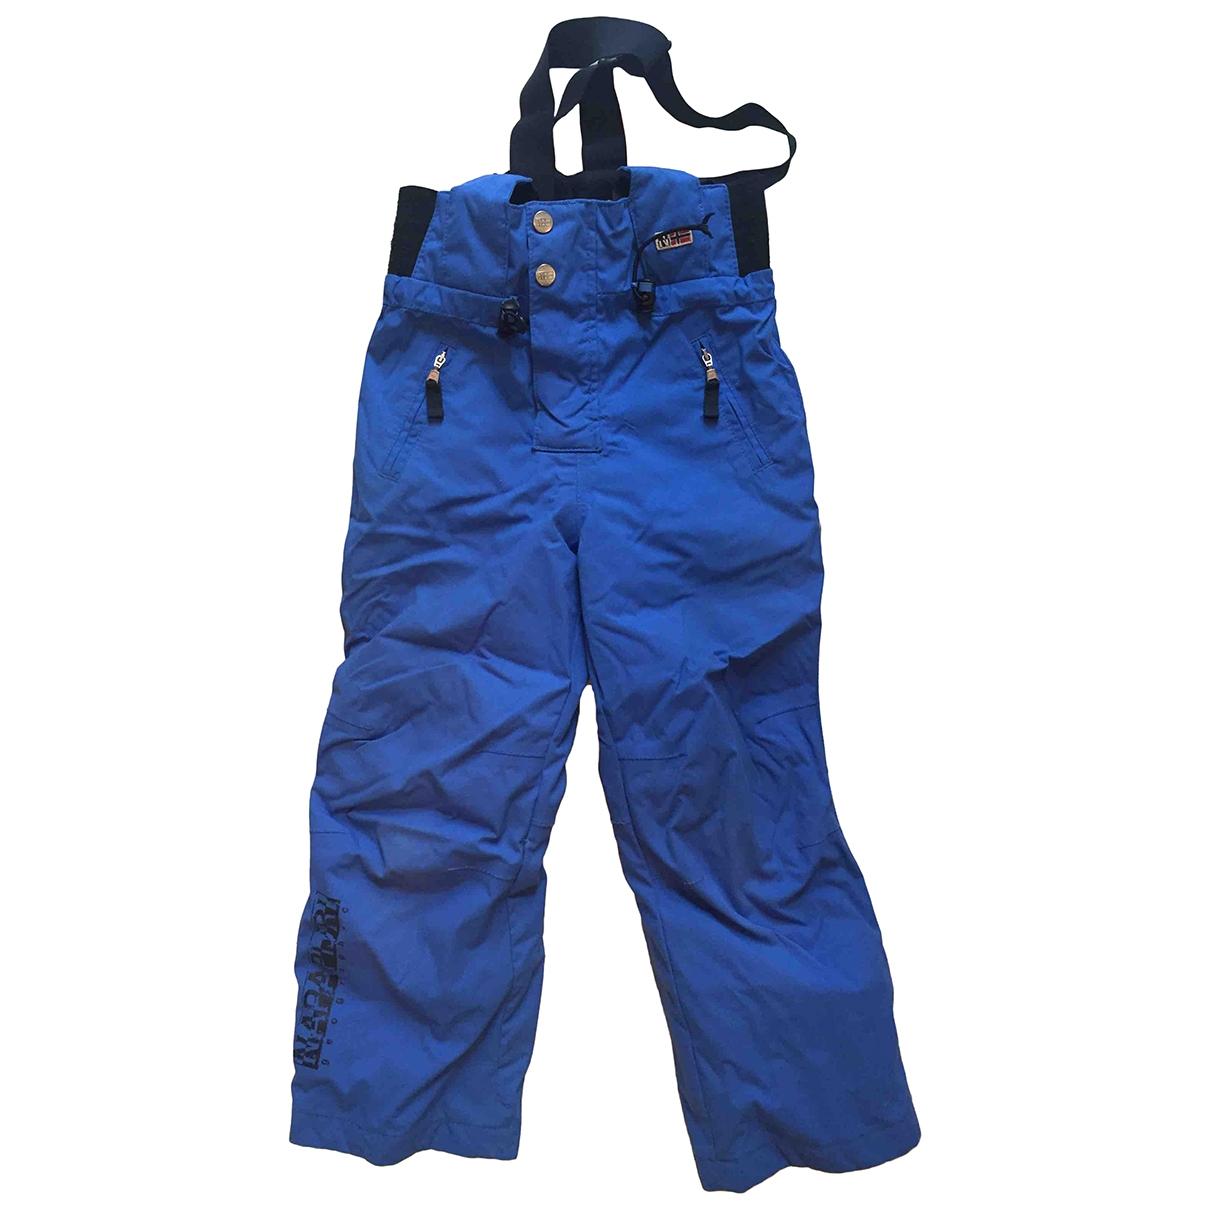 Napapijri - Pantalon   pour enfant - bleu